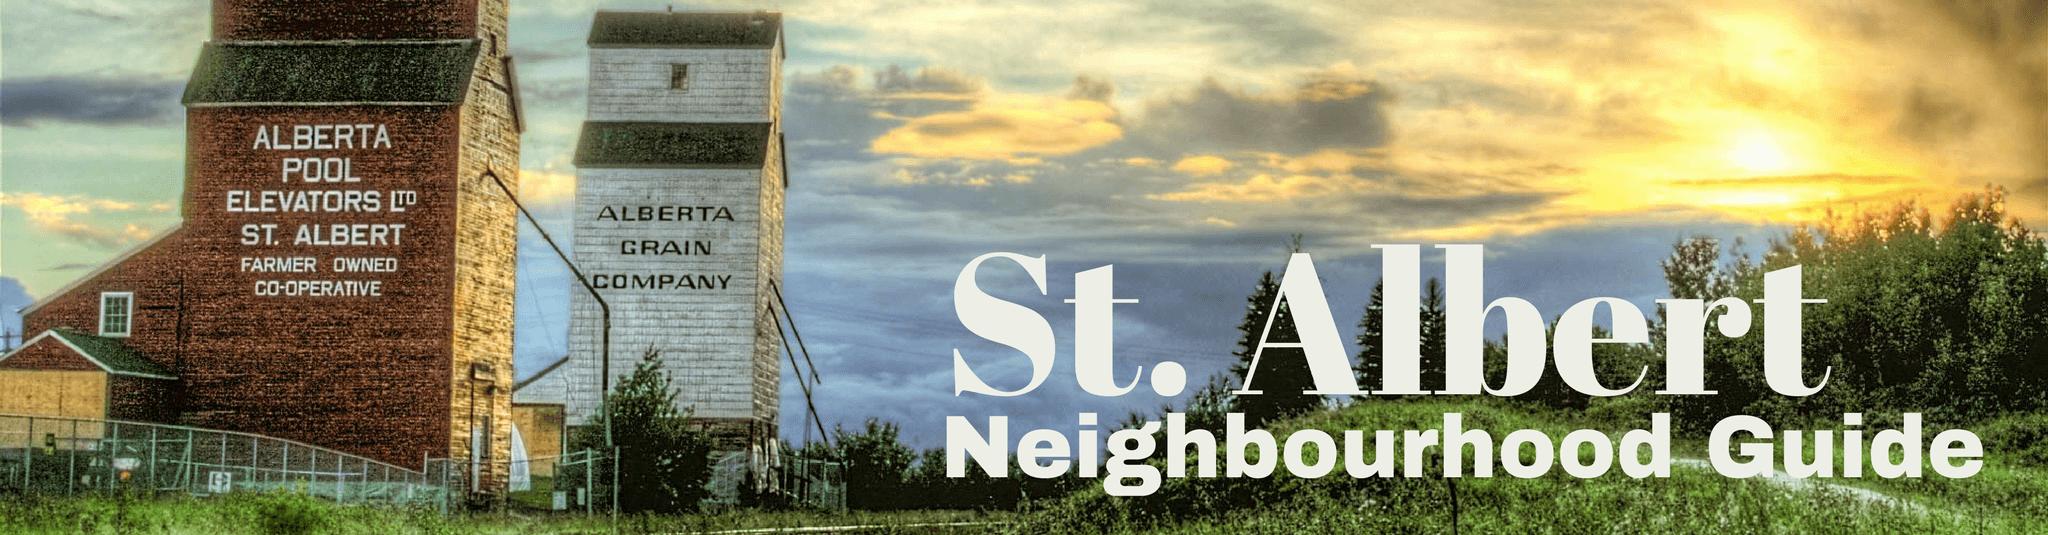 St. Albert Neighbourhoods Guide